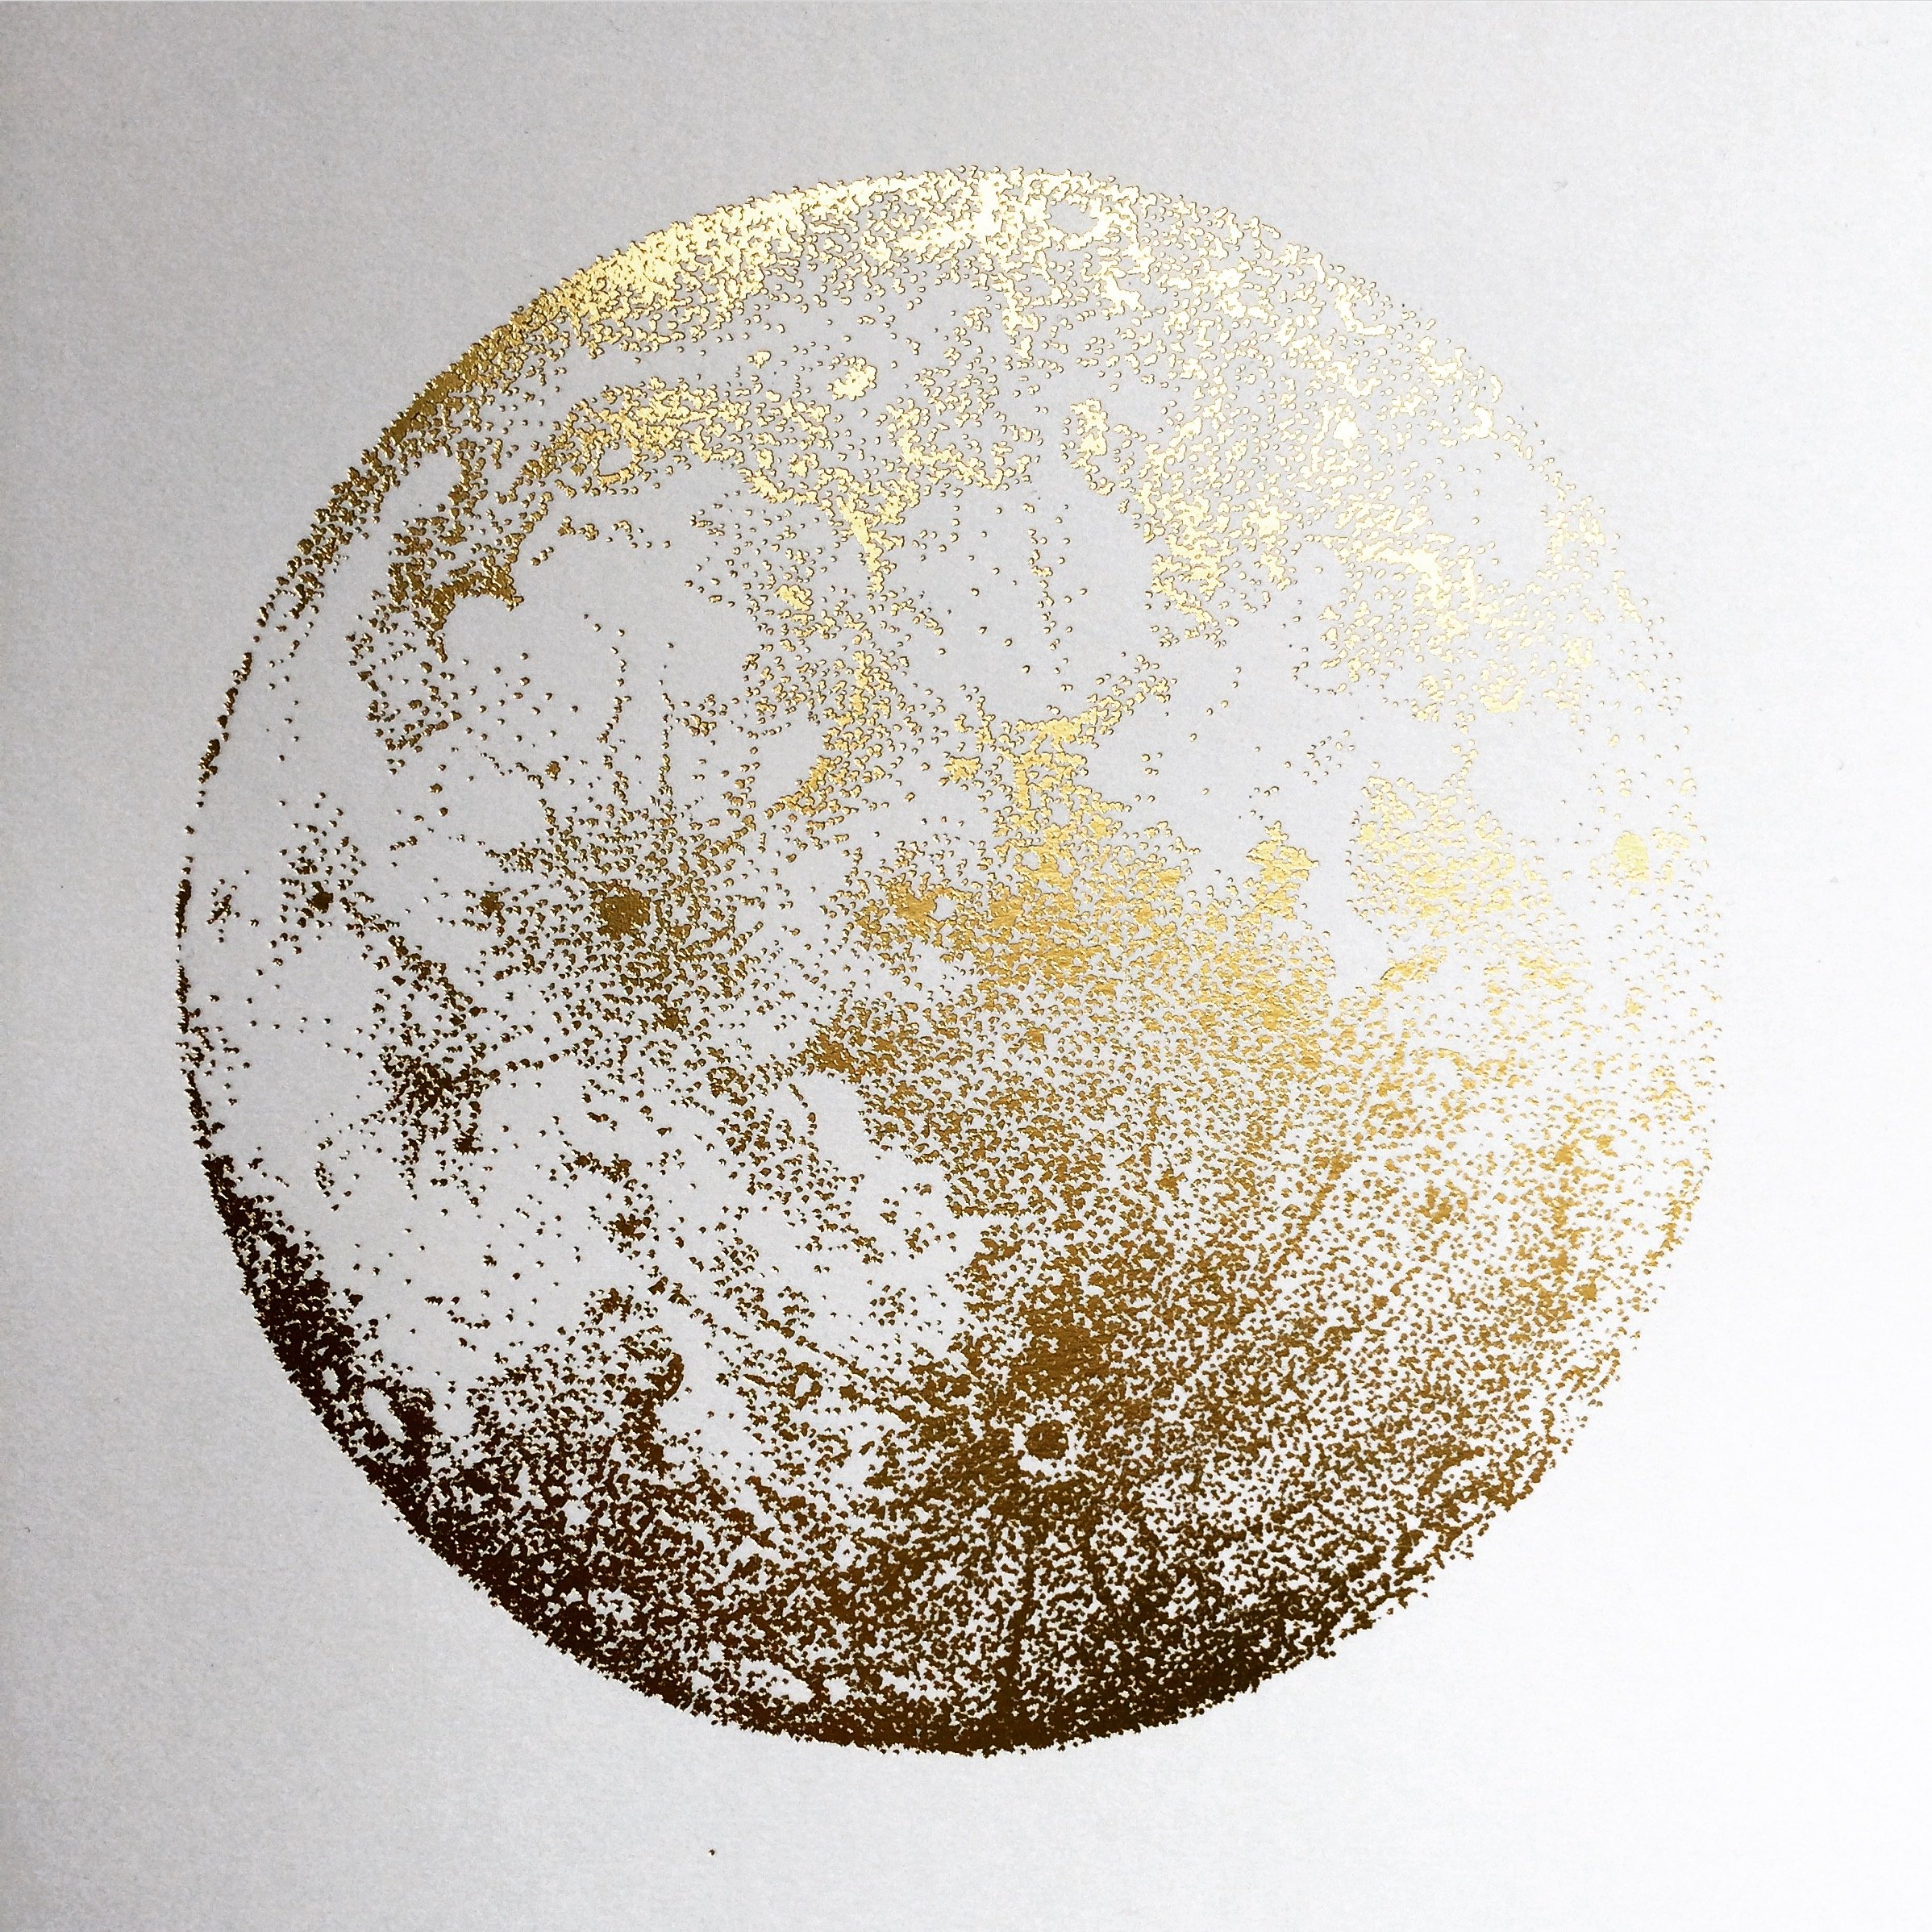 2396x2396 Gold Full Moon Sabrina Drawings